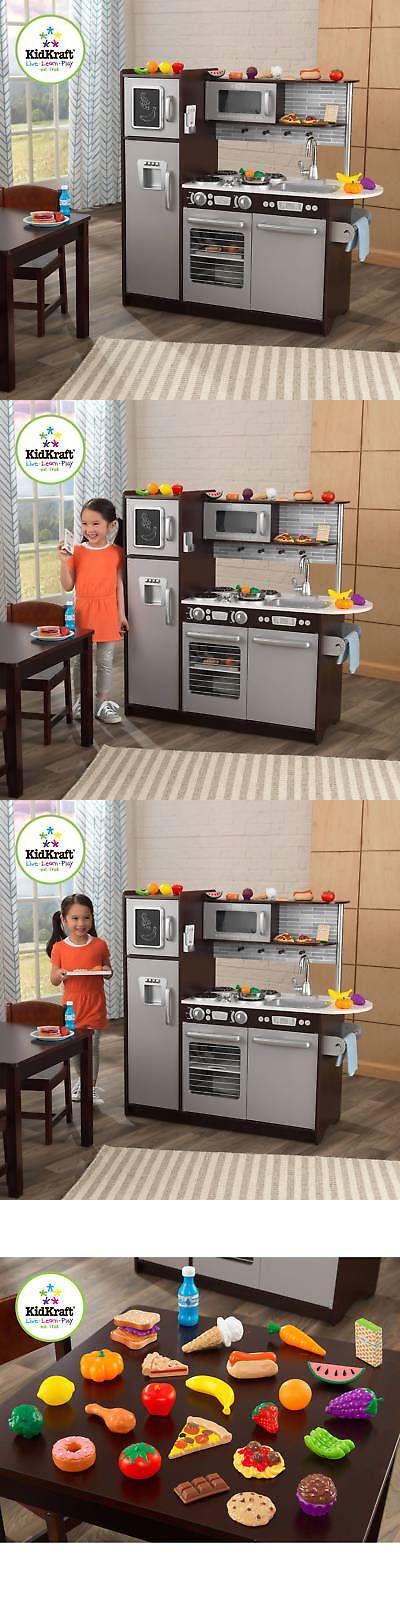 Más de 20 ideas increíbles sobre Küche kaufen ebay en Pinterest - küchen gebraucht köln